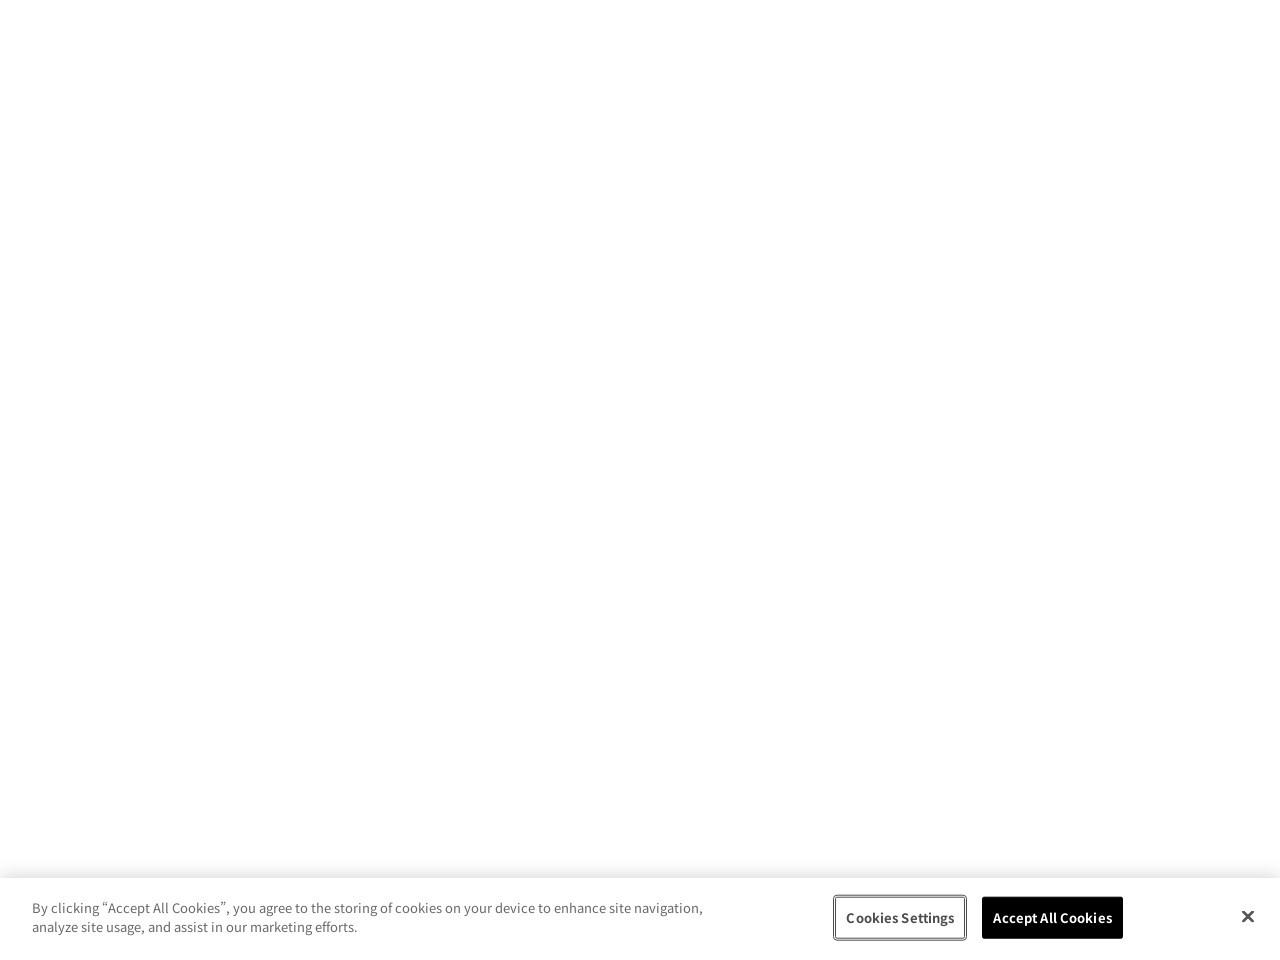 エノテカ株式会社-コーポレートサイト